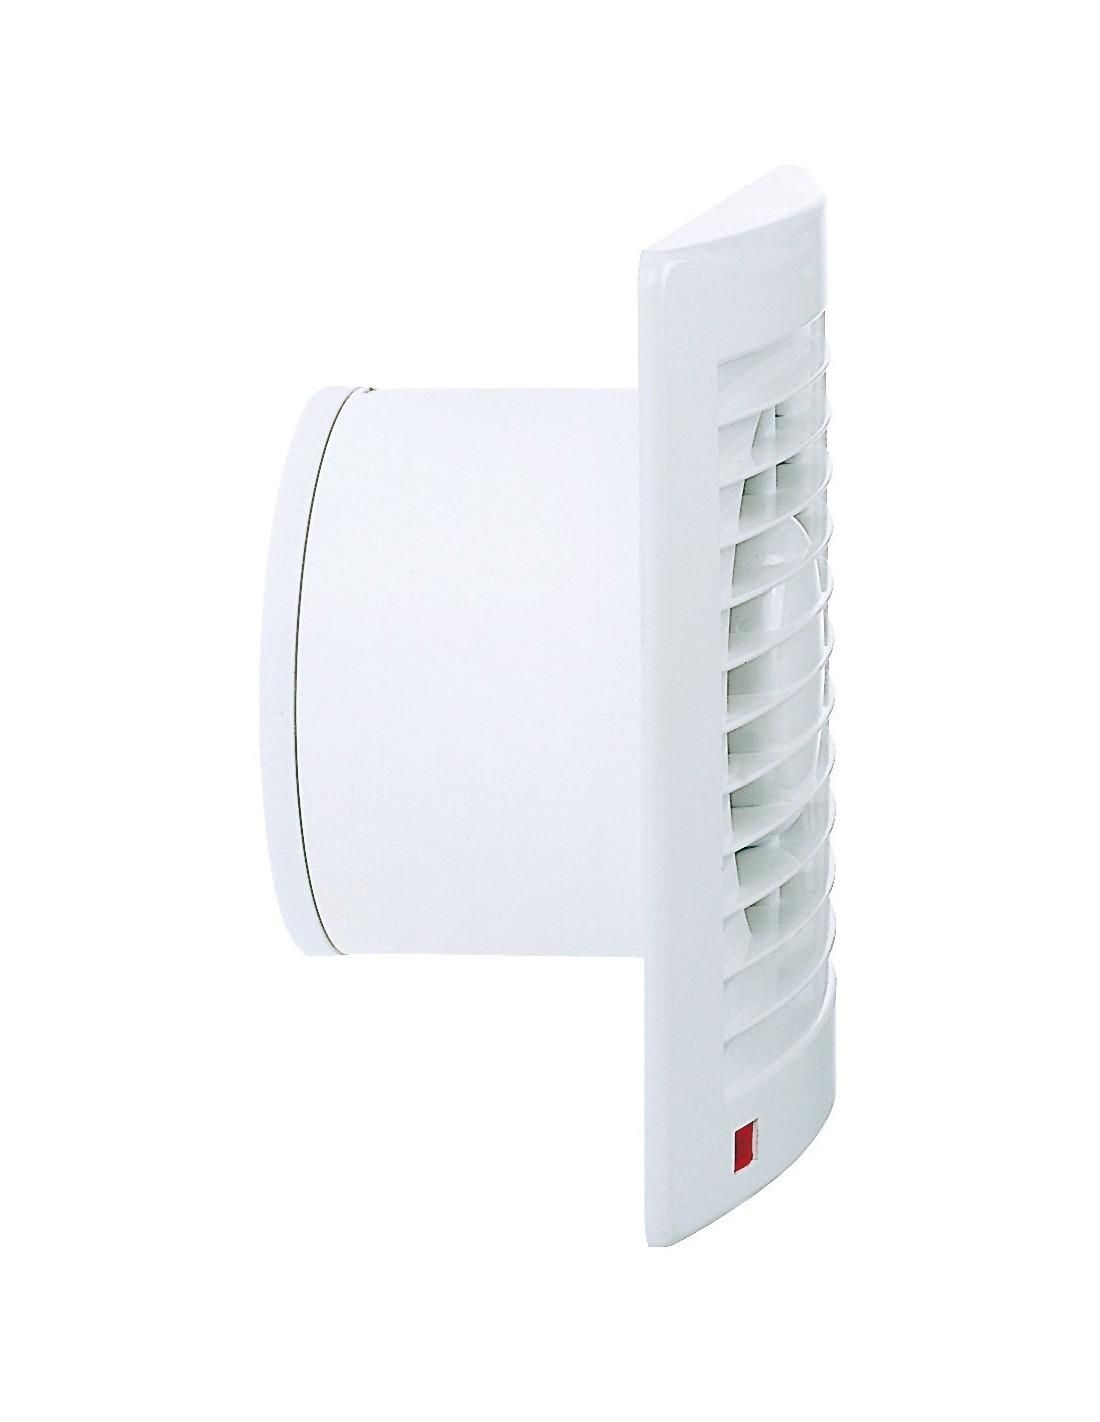 extracteur d 39 air permanent vpi 100 s pour la salle de bain atlantic a rateur. Black Bedroom Furniture Sets. Home Design Ideas